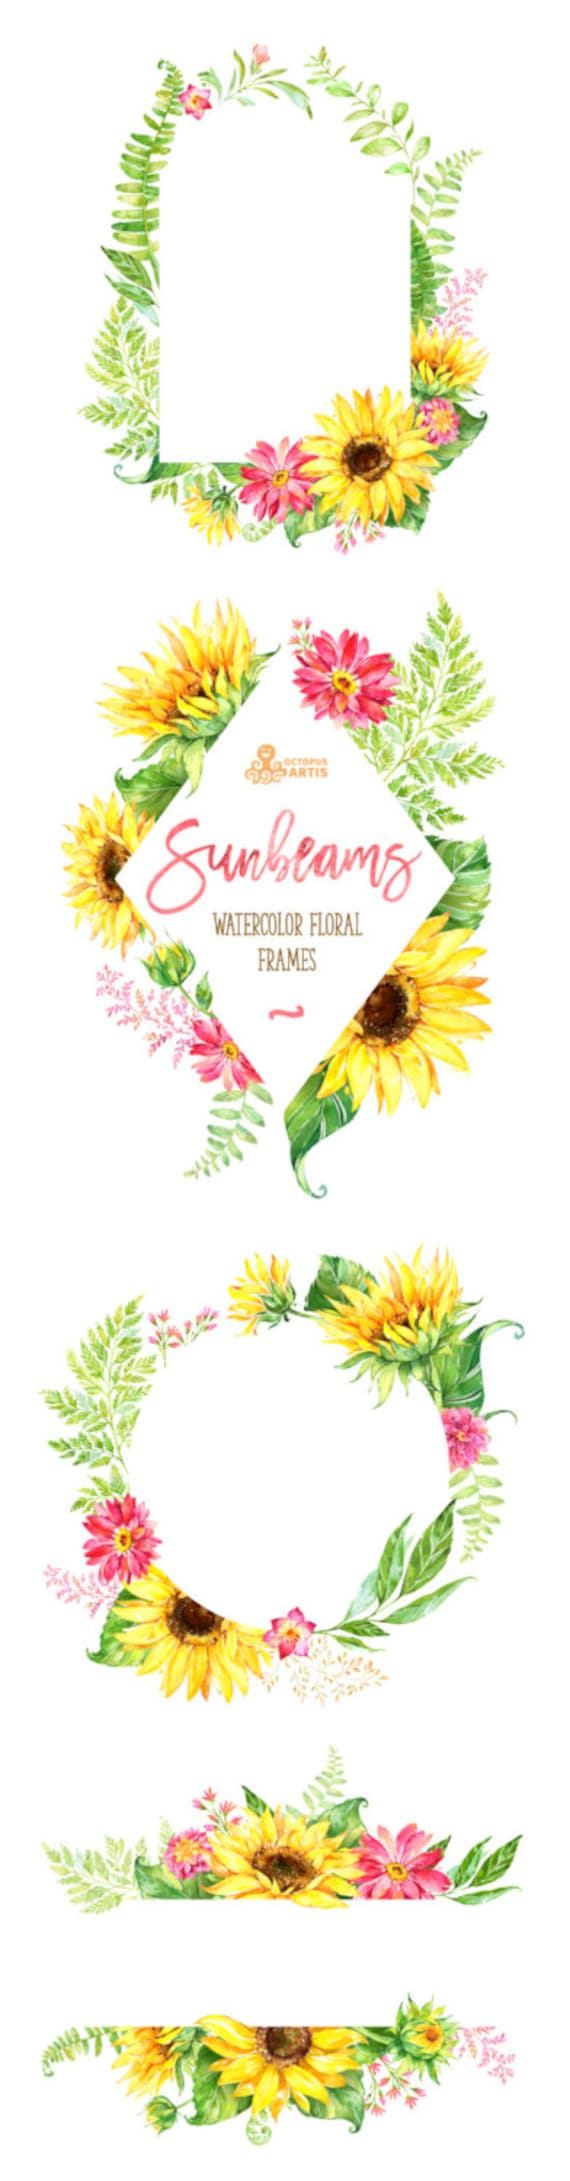 Sonnenstrahlen Rahmen. Aquarell Blumen Clipart Vorlage